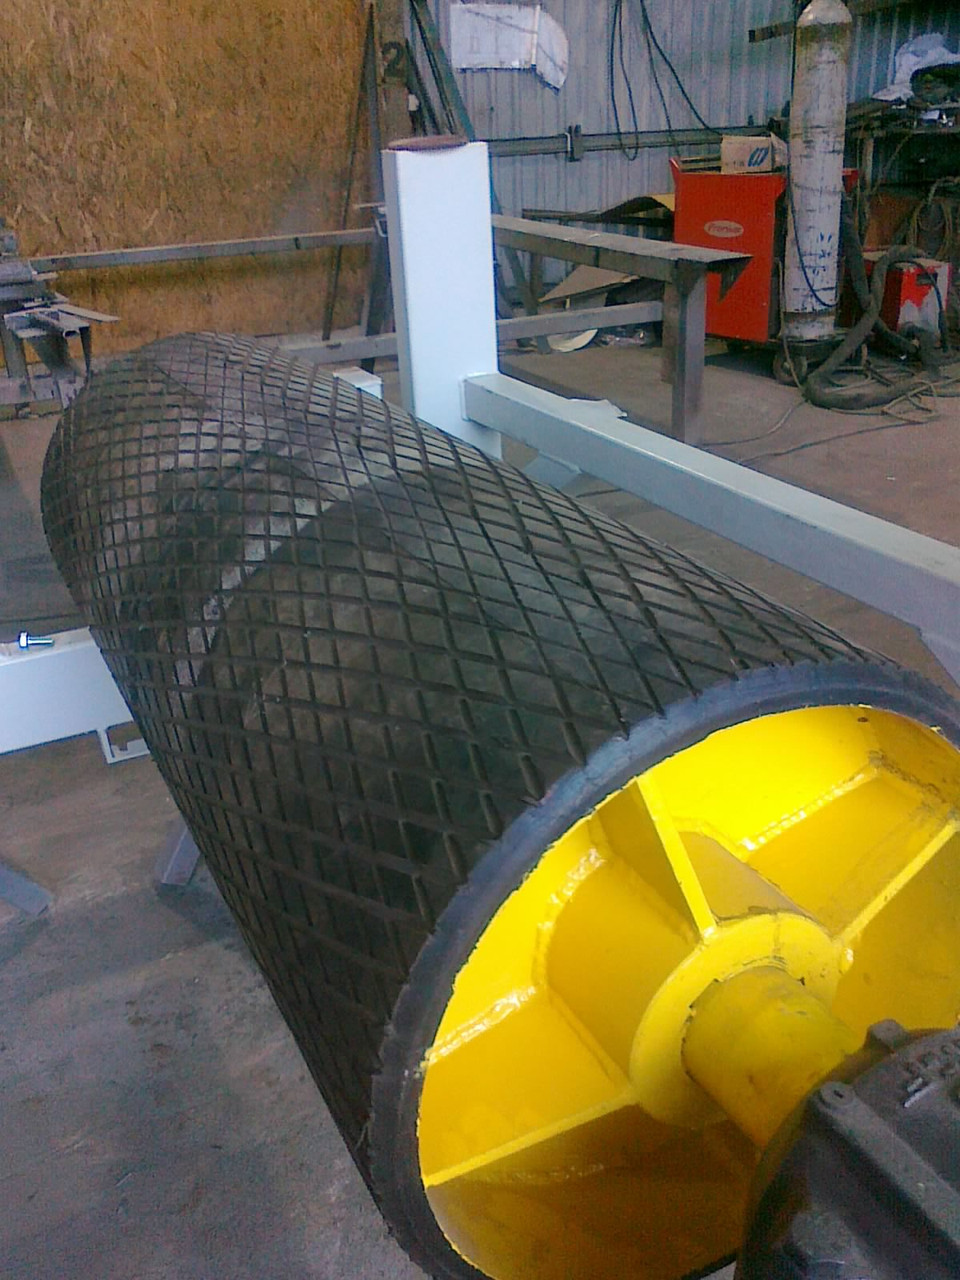 Гуммирование, или Футеровка приводного барабана ленточного конвейера, футеровка роликов и вала полиуретаном.